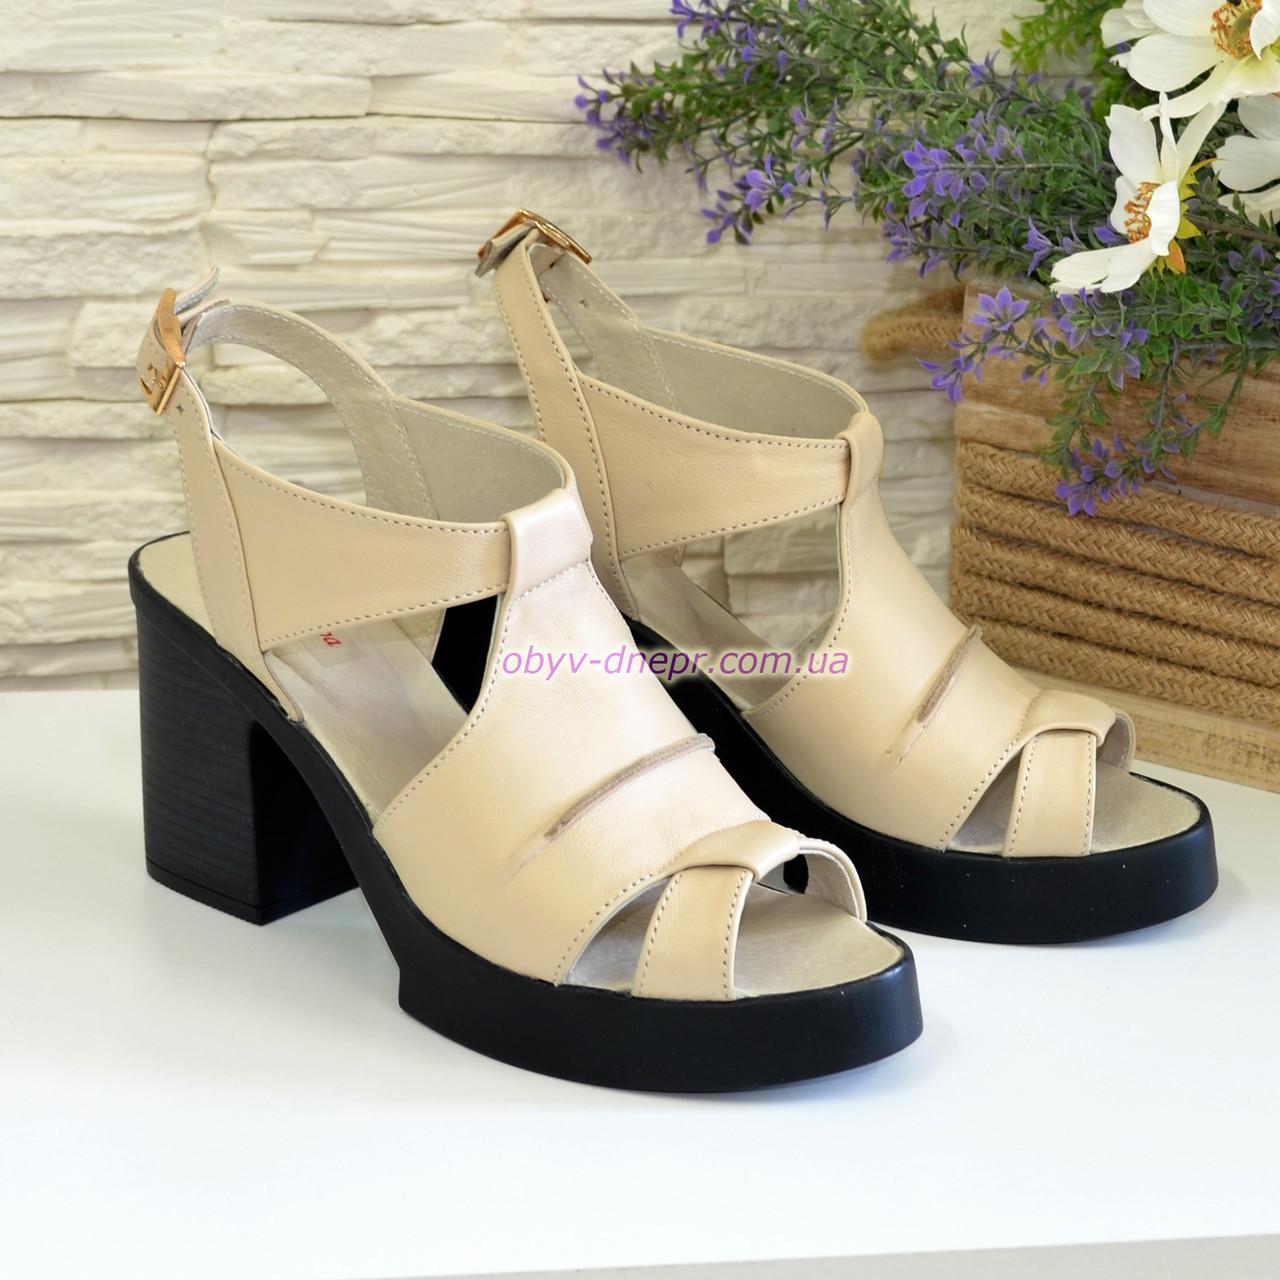 Босоножки кожаные на широком каблуке, цвет бежевый